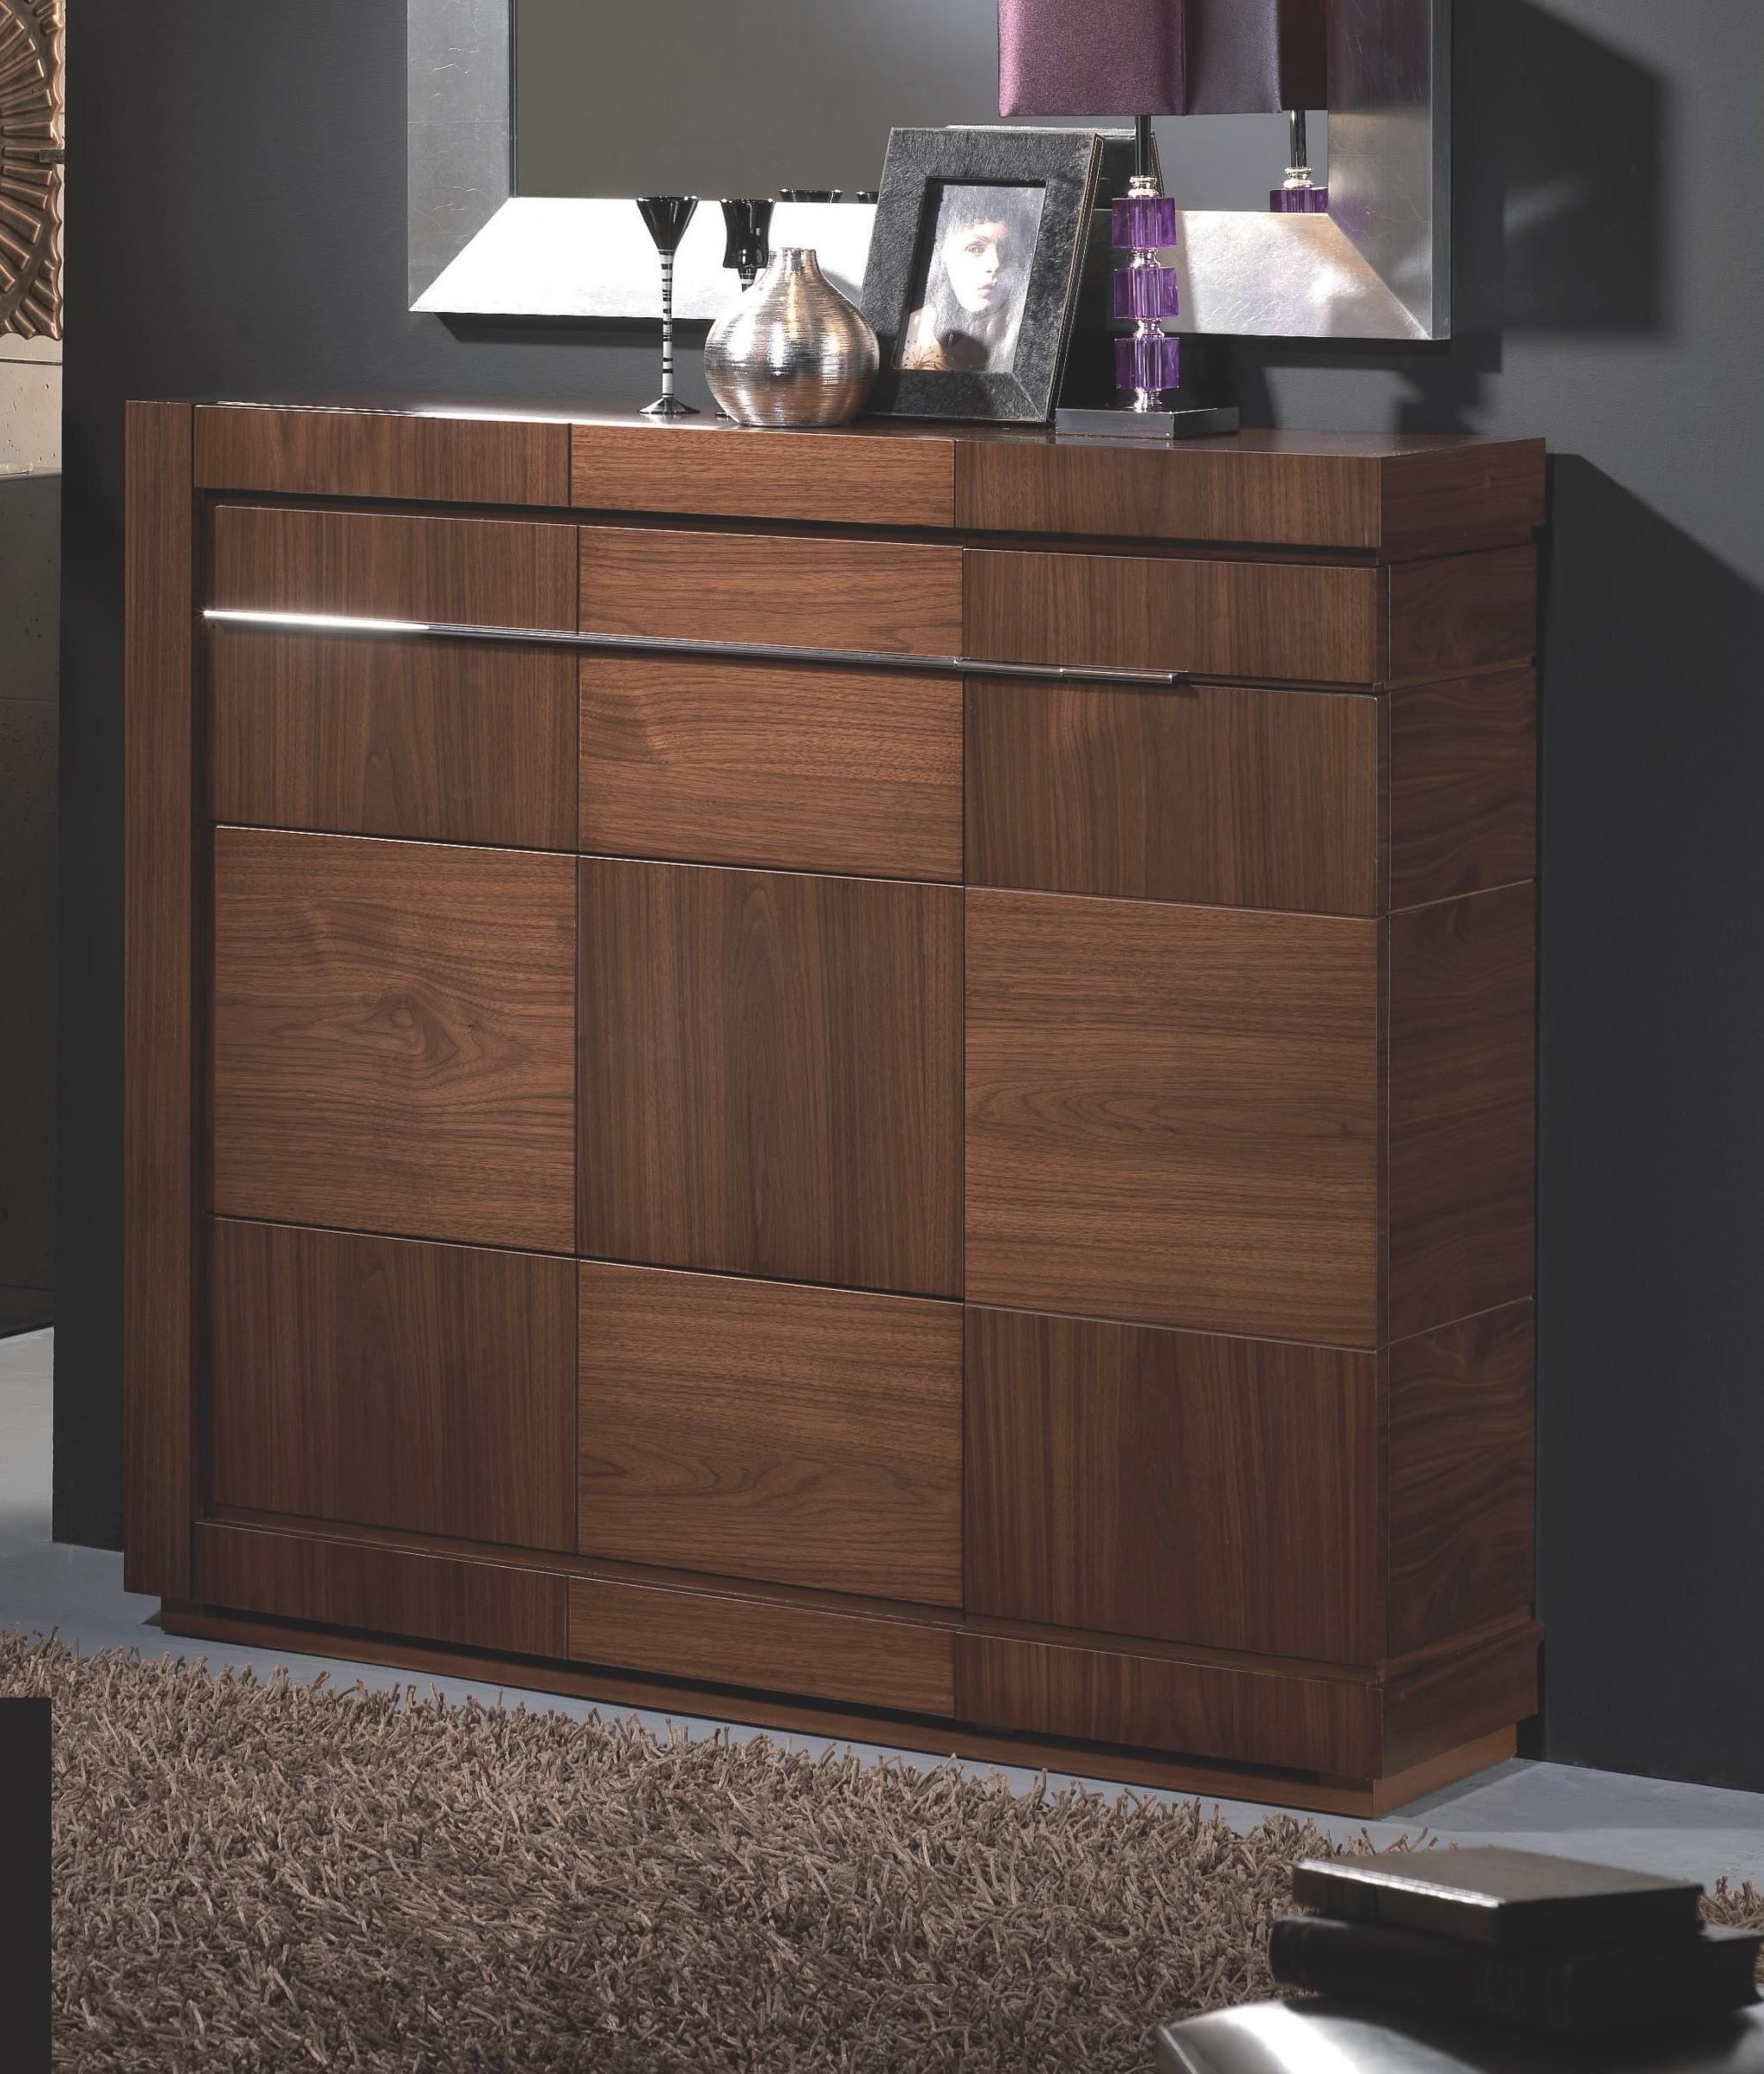 Mueble recibidor zapatero clasico moderno lacado muebles - Muebles recibidores clasicos ...